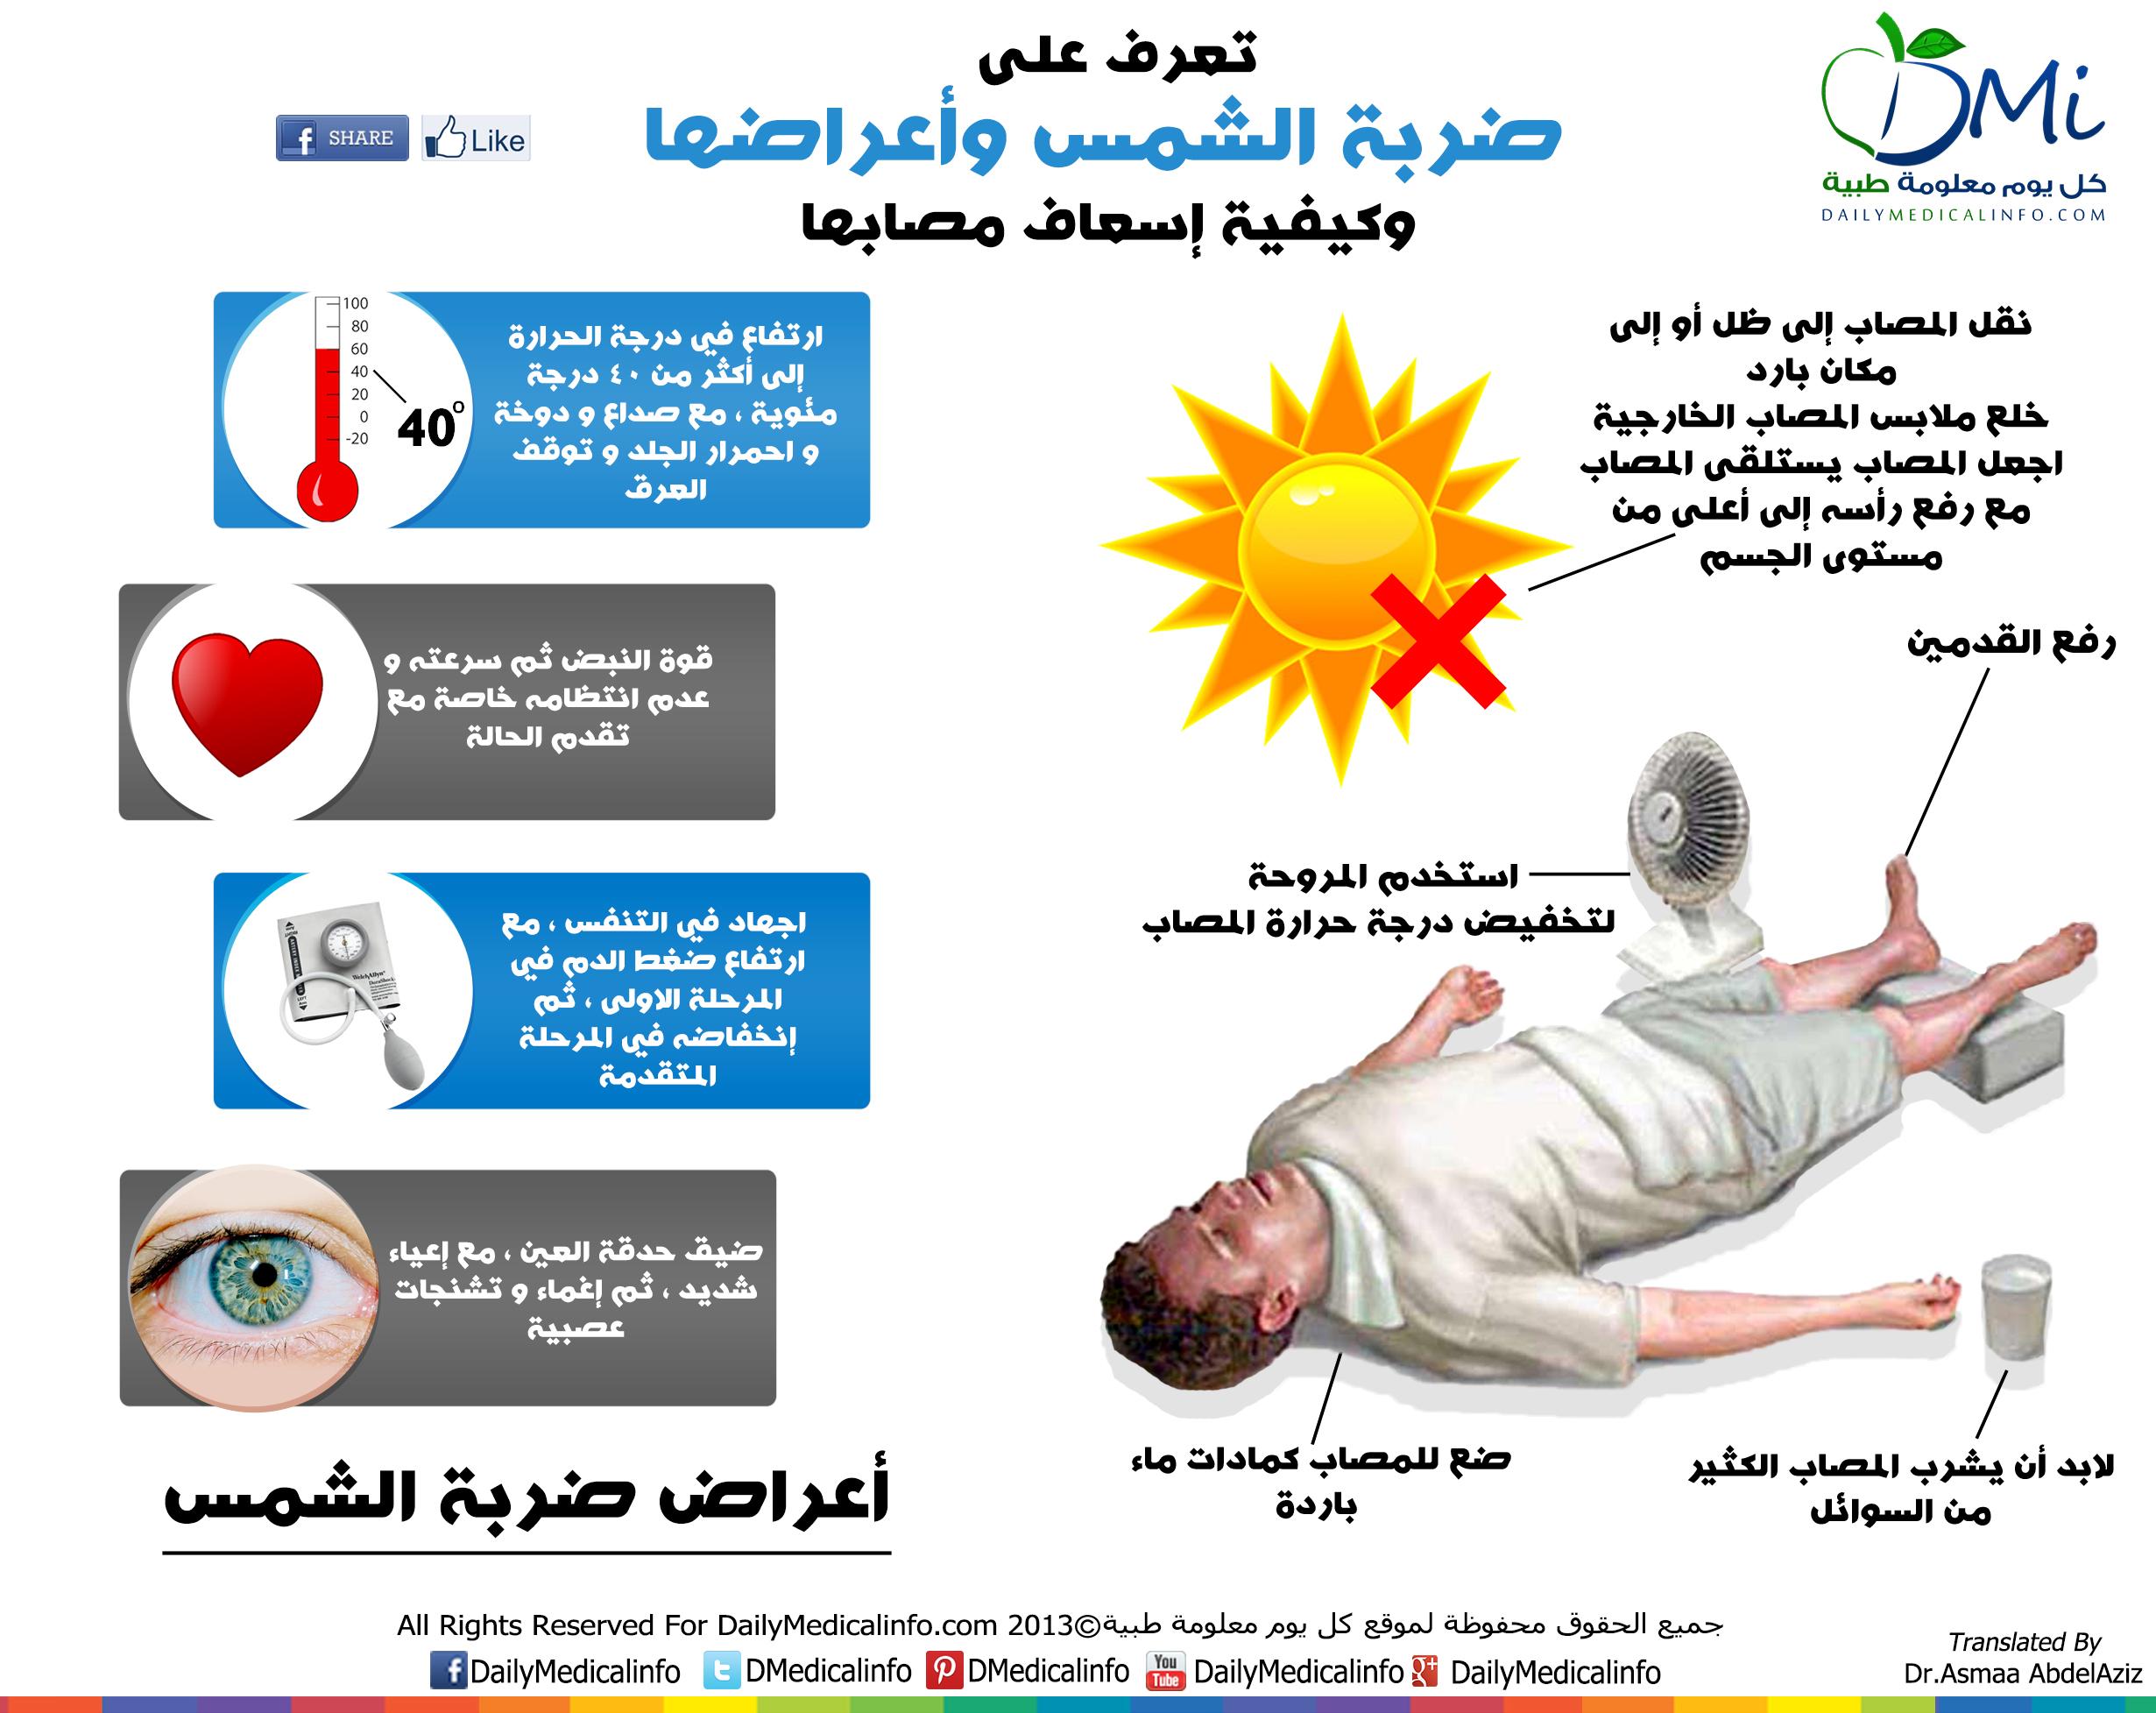 DailyMedicalinfo treat heat stroke